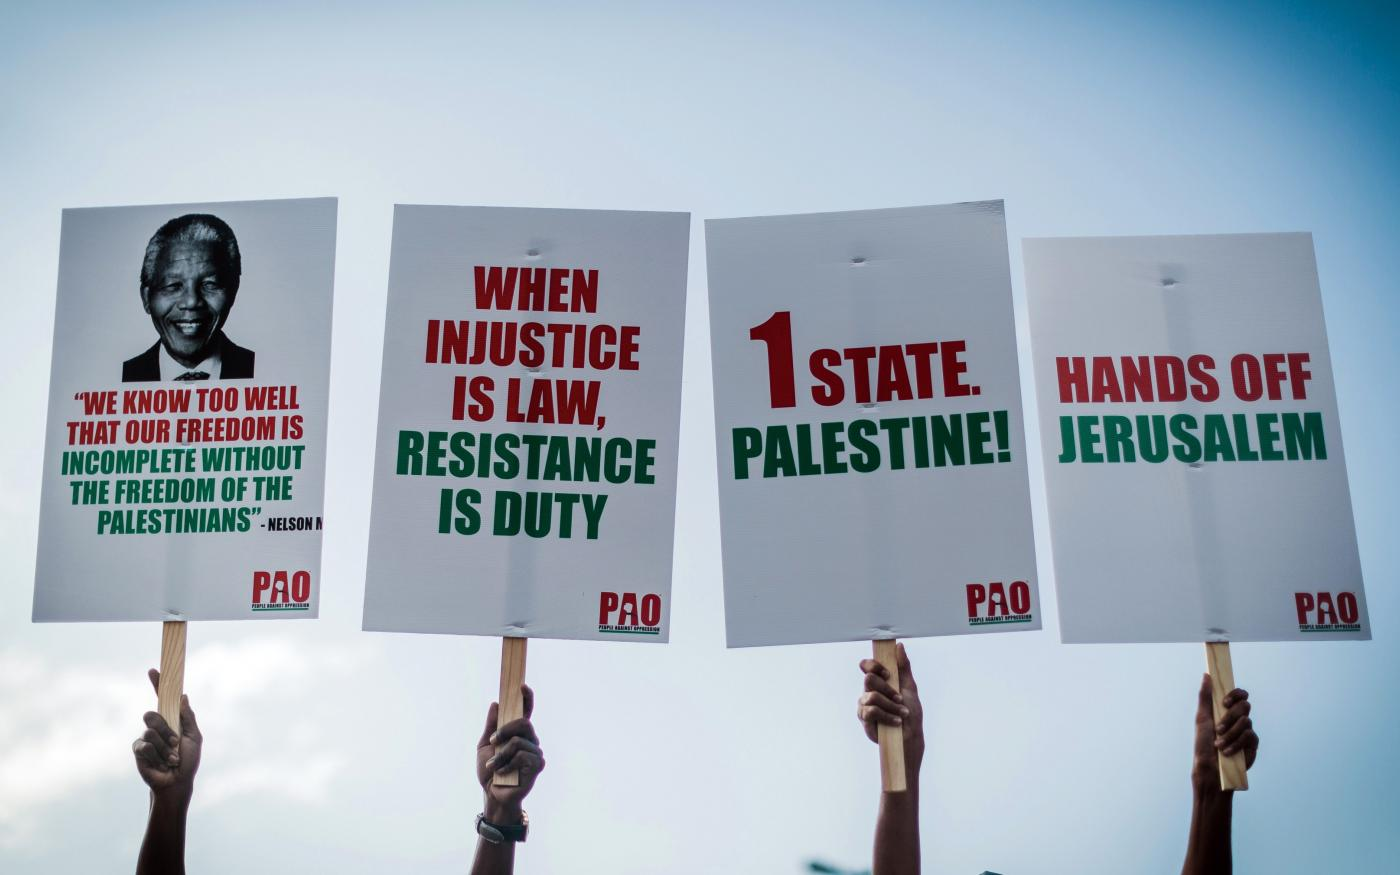 Manifestation de groupes pro-palestiniens et autres organisations à Durban, le 2 juin 2018, pour protester contre le meurtre de Palestiniens par les forces israéliennes à Gaza (AFP)